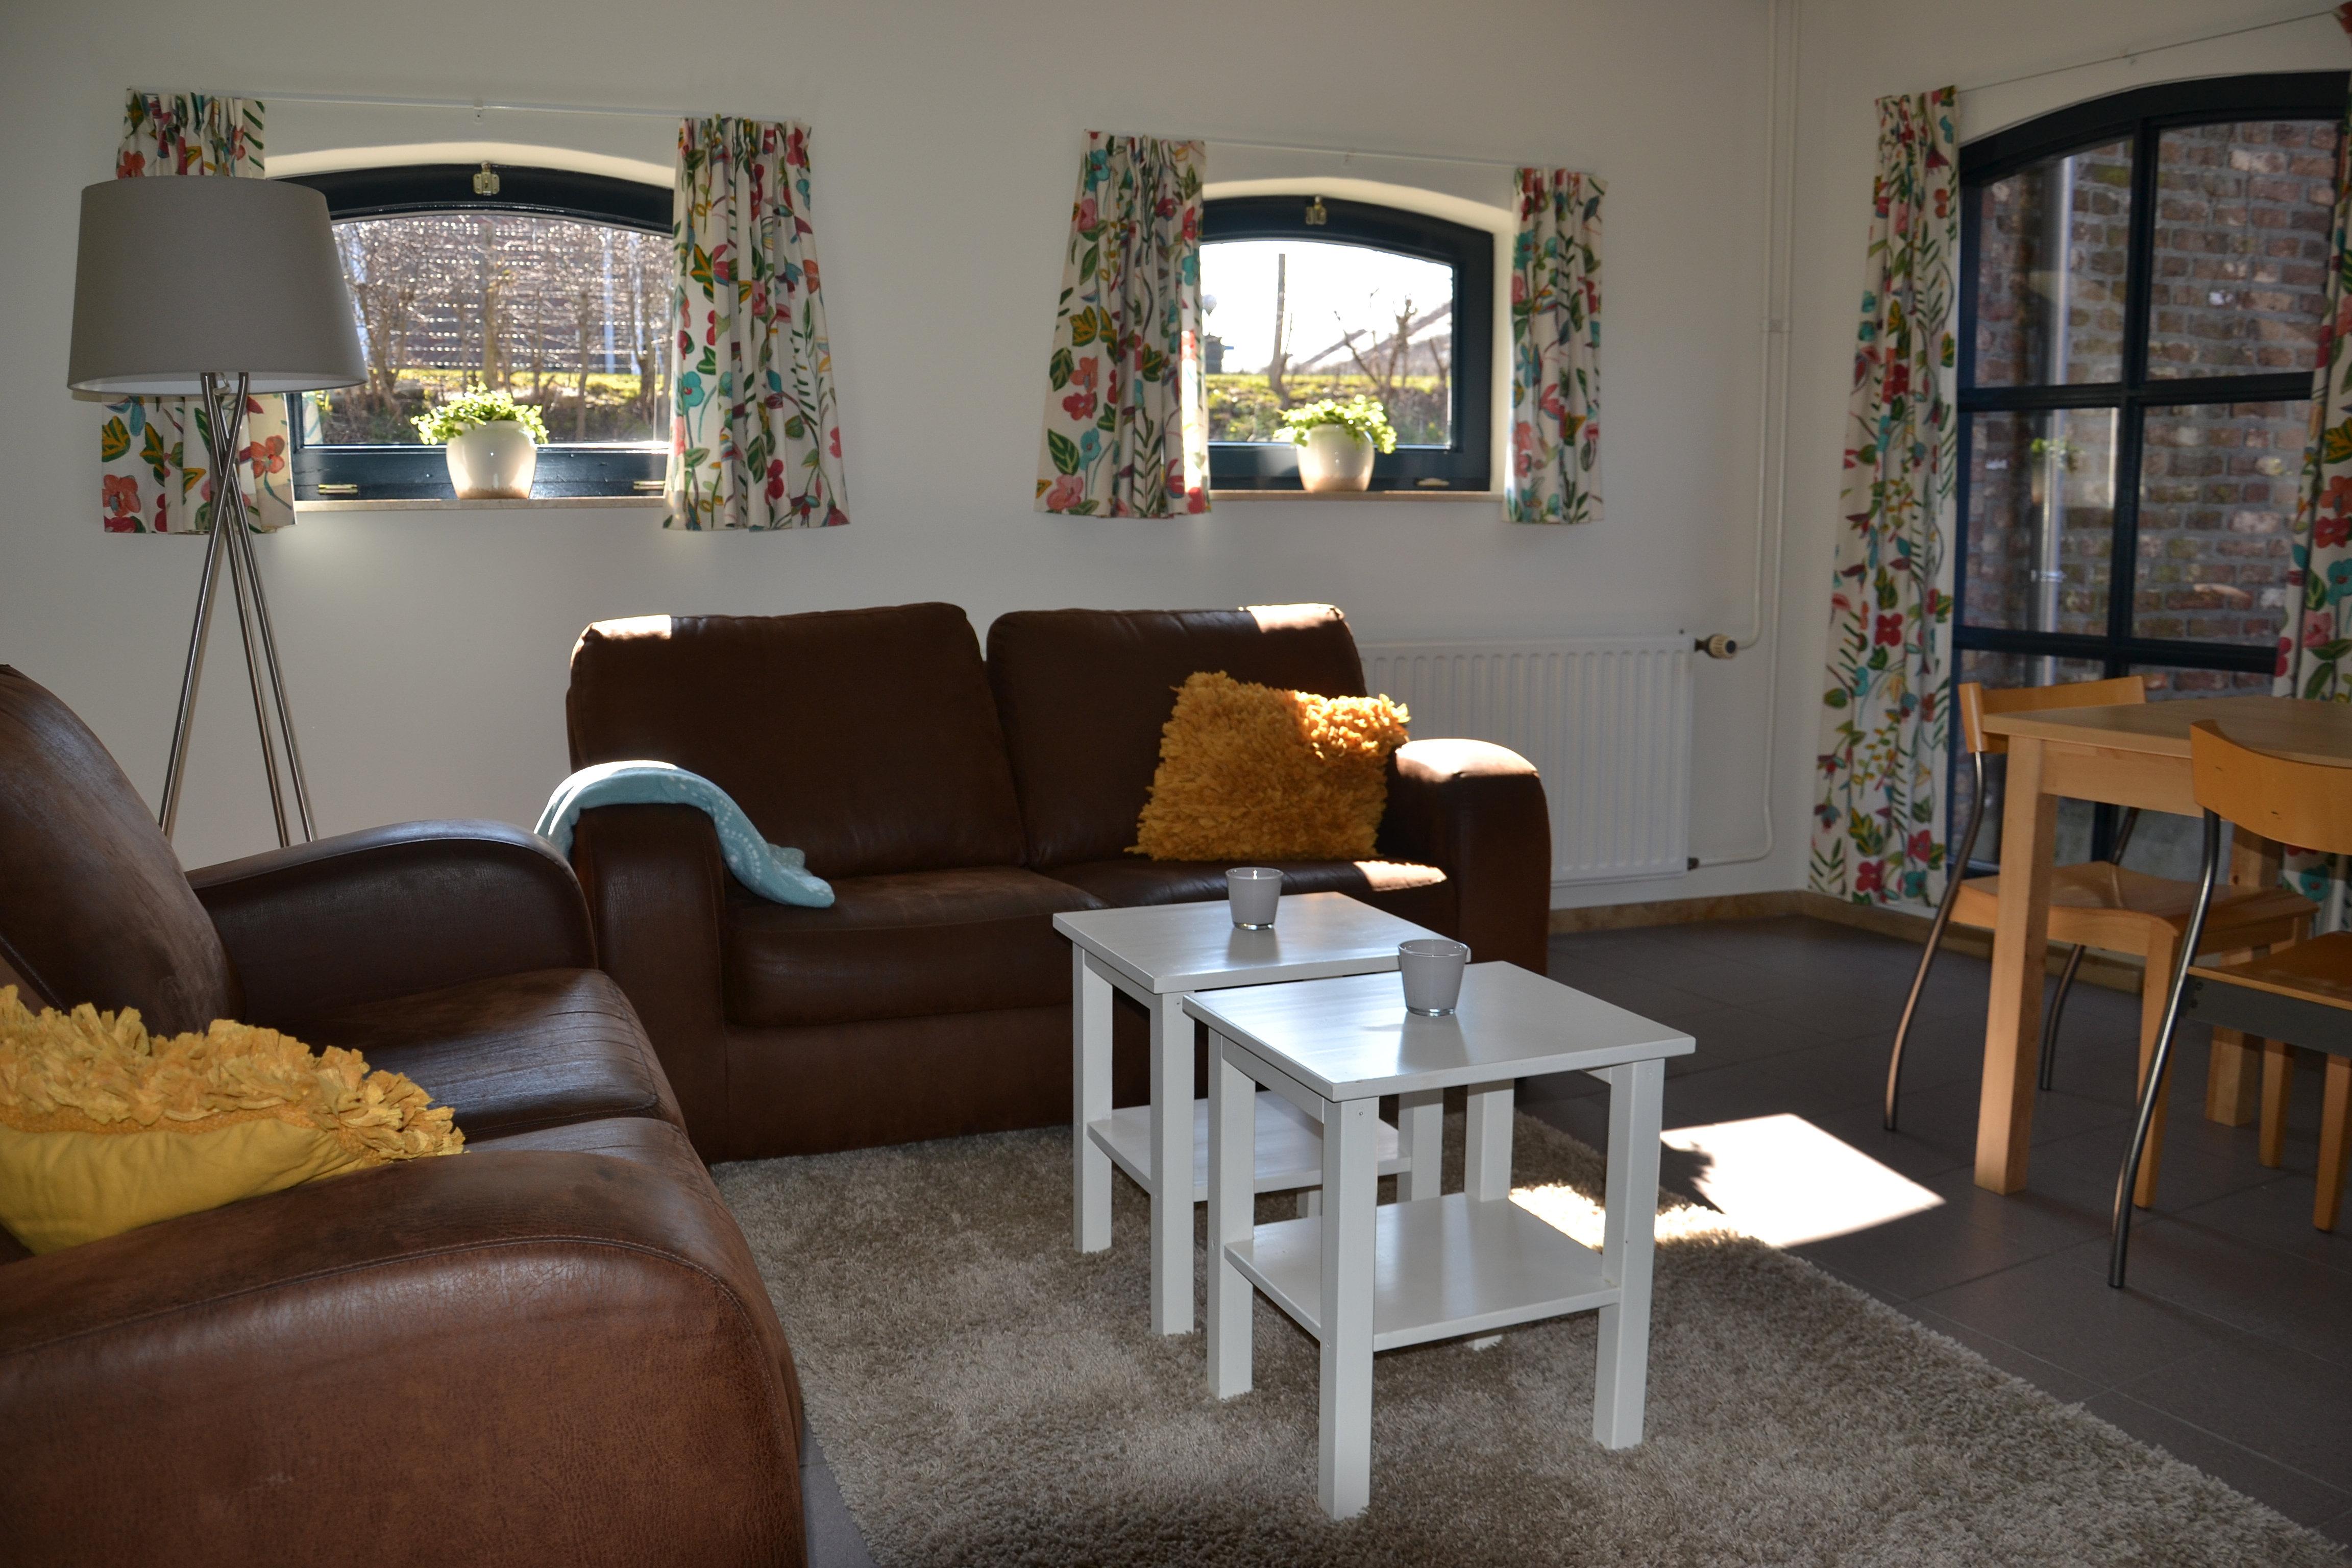 Vakantiewoningen de nelishof luxe logeren in een Gezellige woonkamer